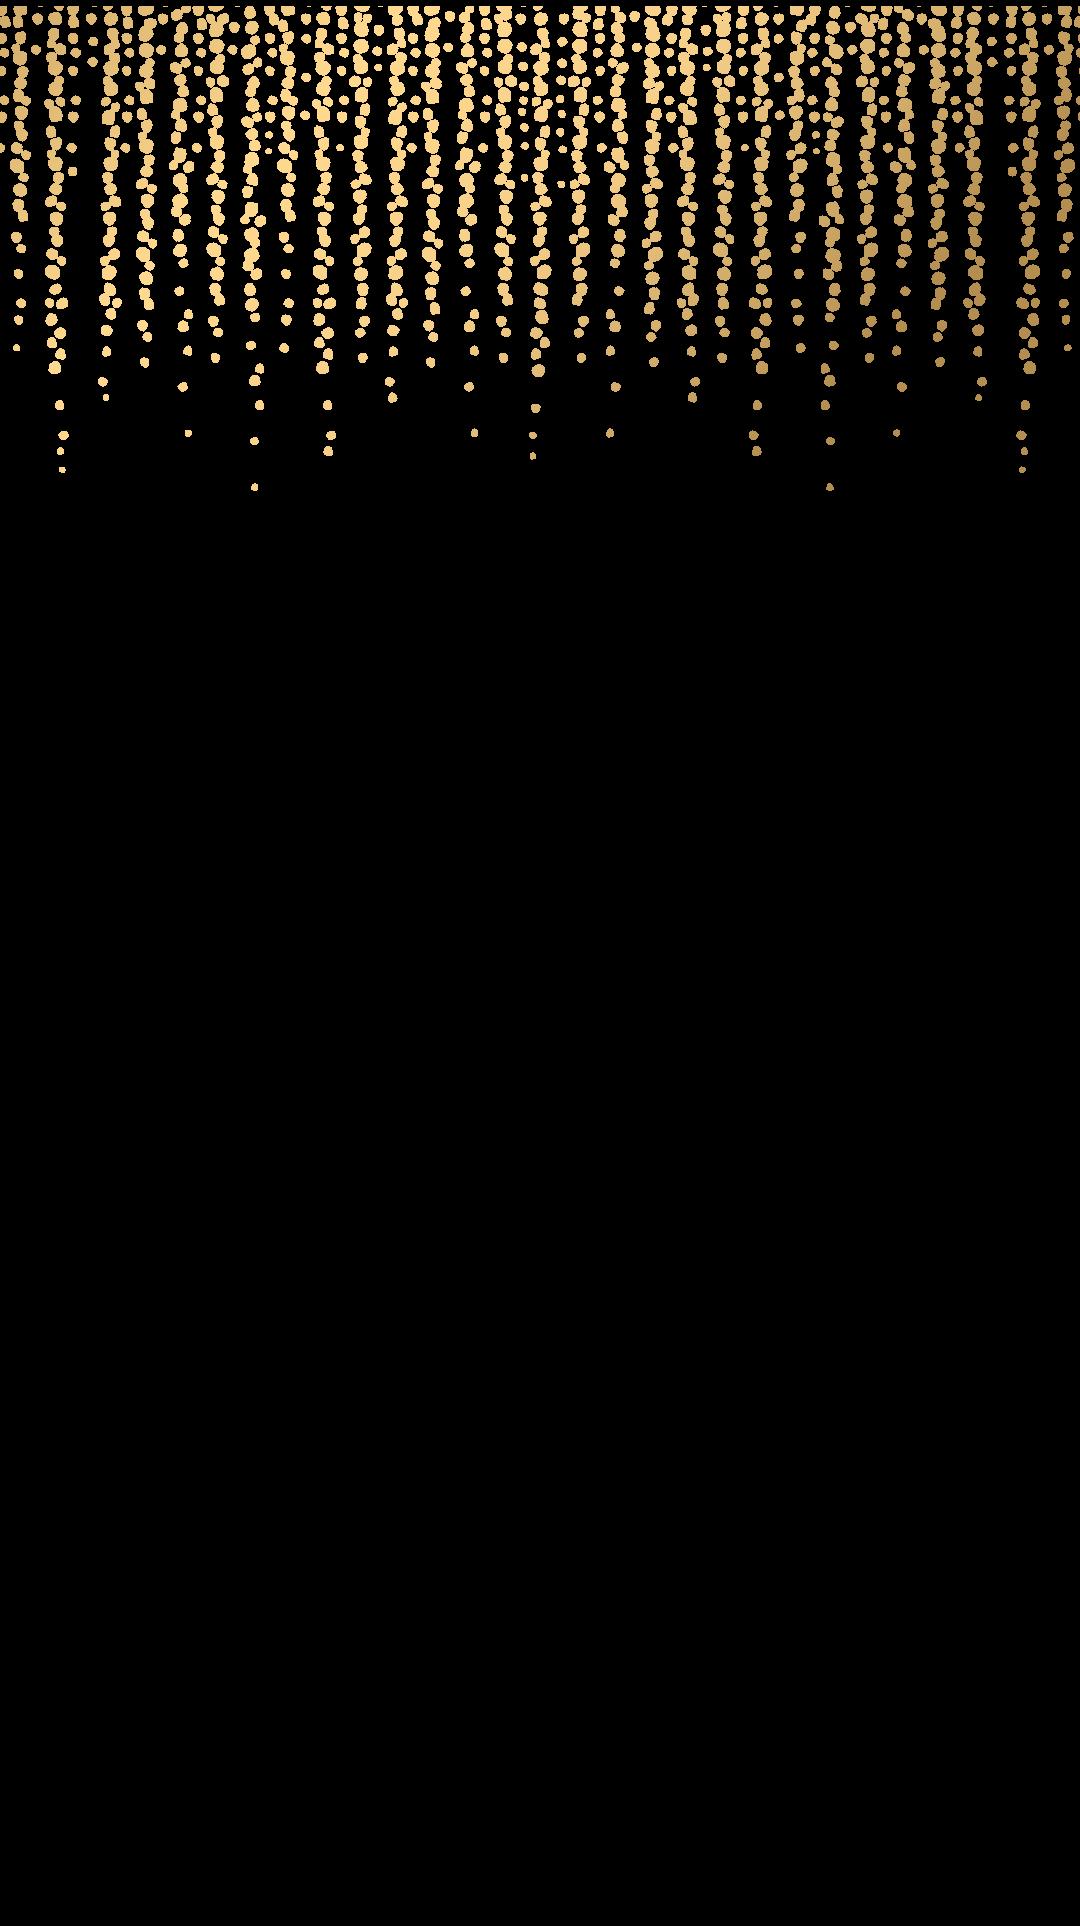 فلاتر السناب شات أكبر مكتبة الفلاتر سناب شات المجانية Geofilters Snapchat Free صفحة 1 Snapchat Geofilters Snapchat Geofilter